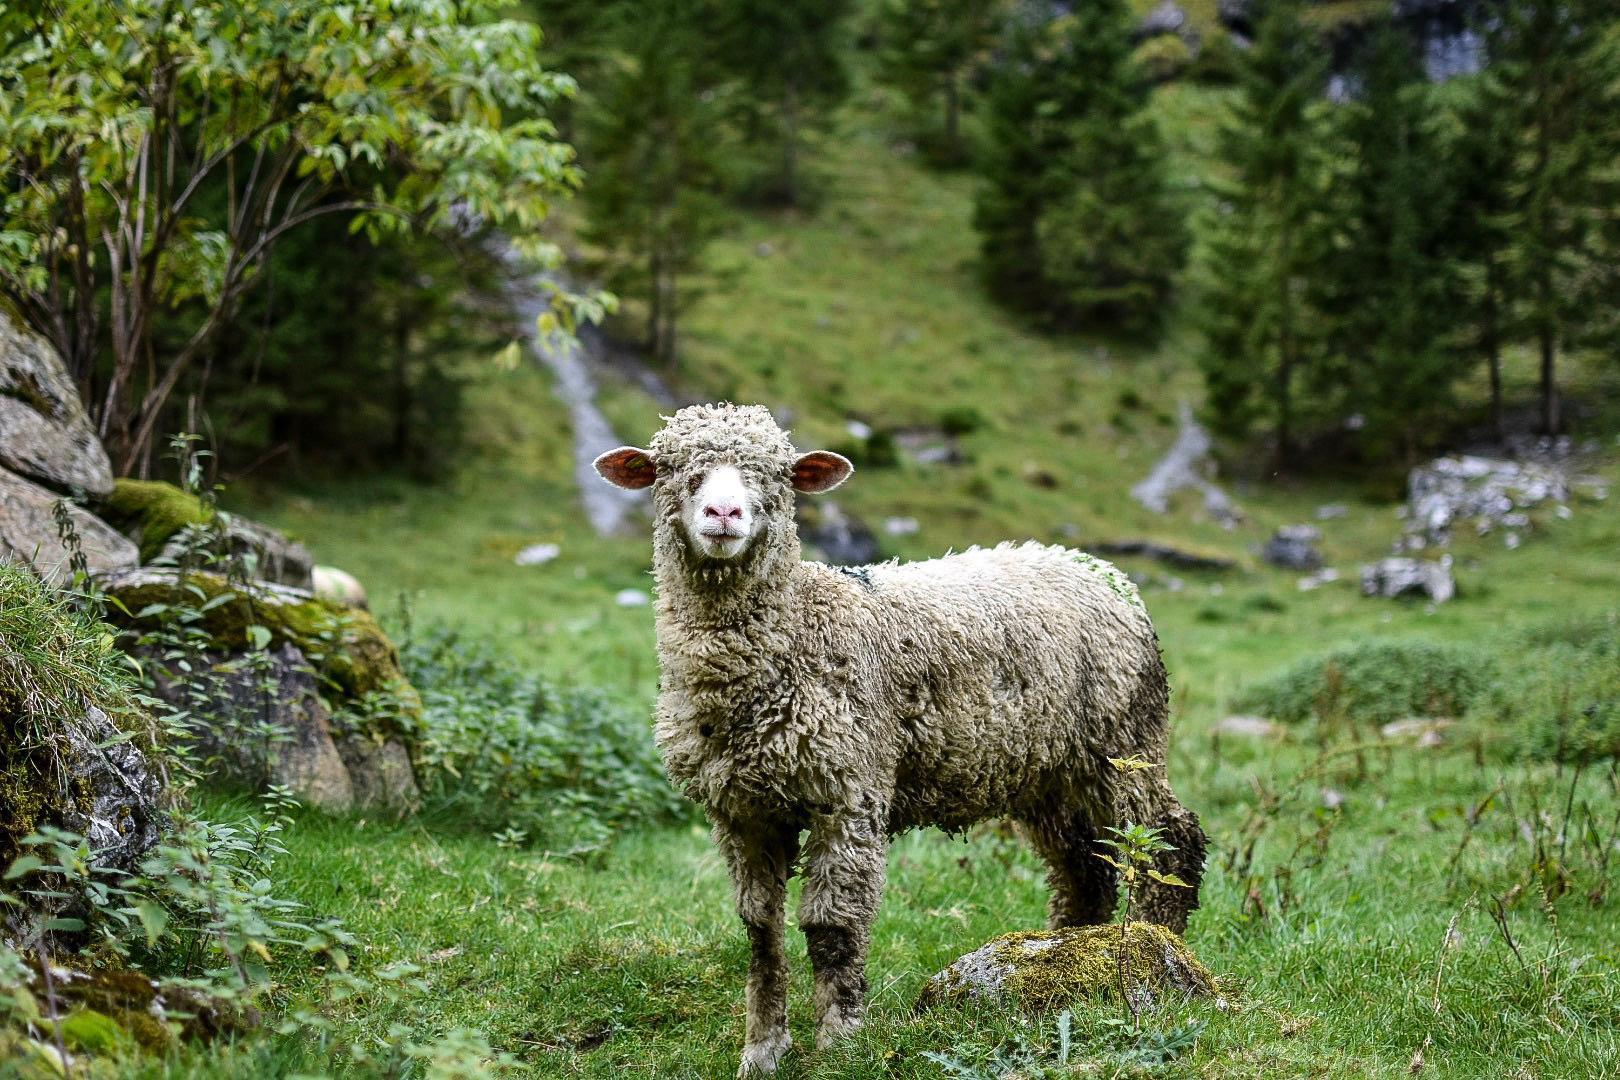 Schaf auf Wiese neben Lagerhaus